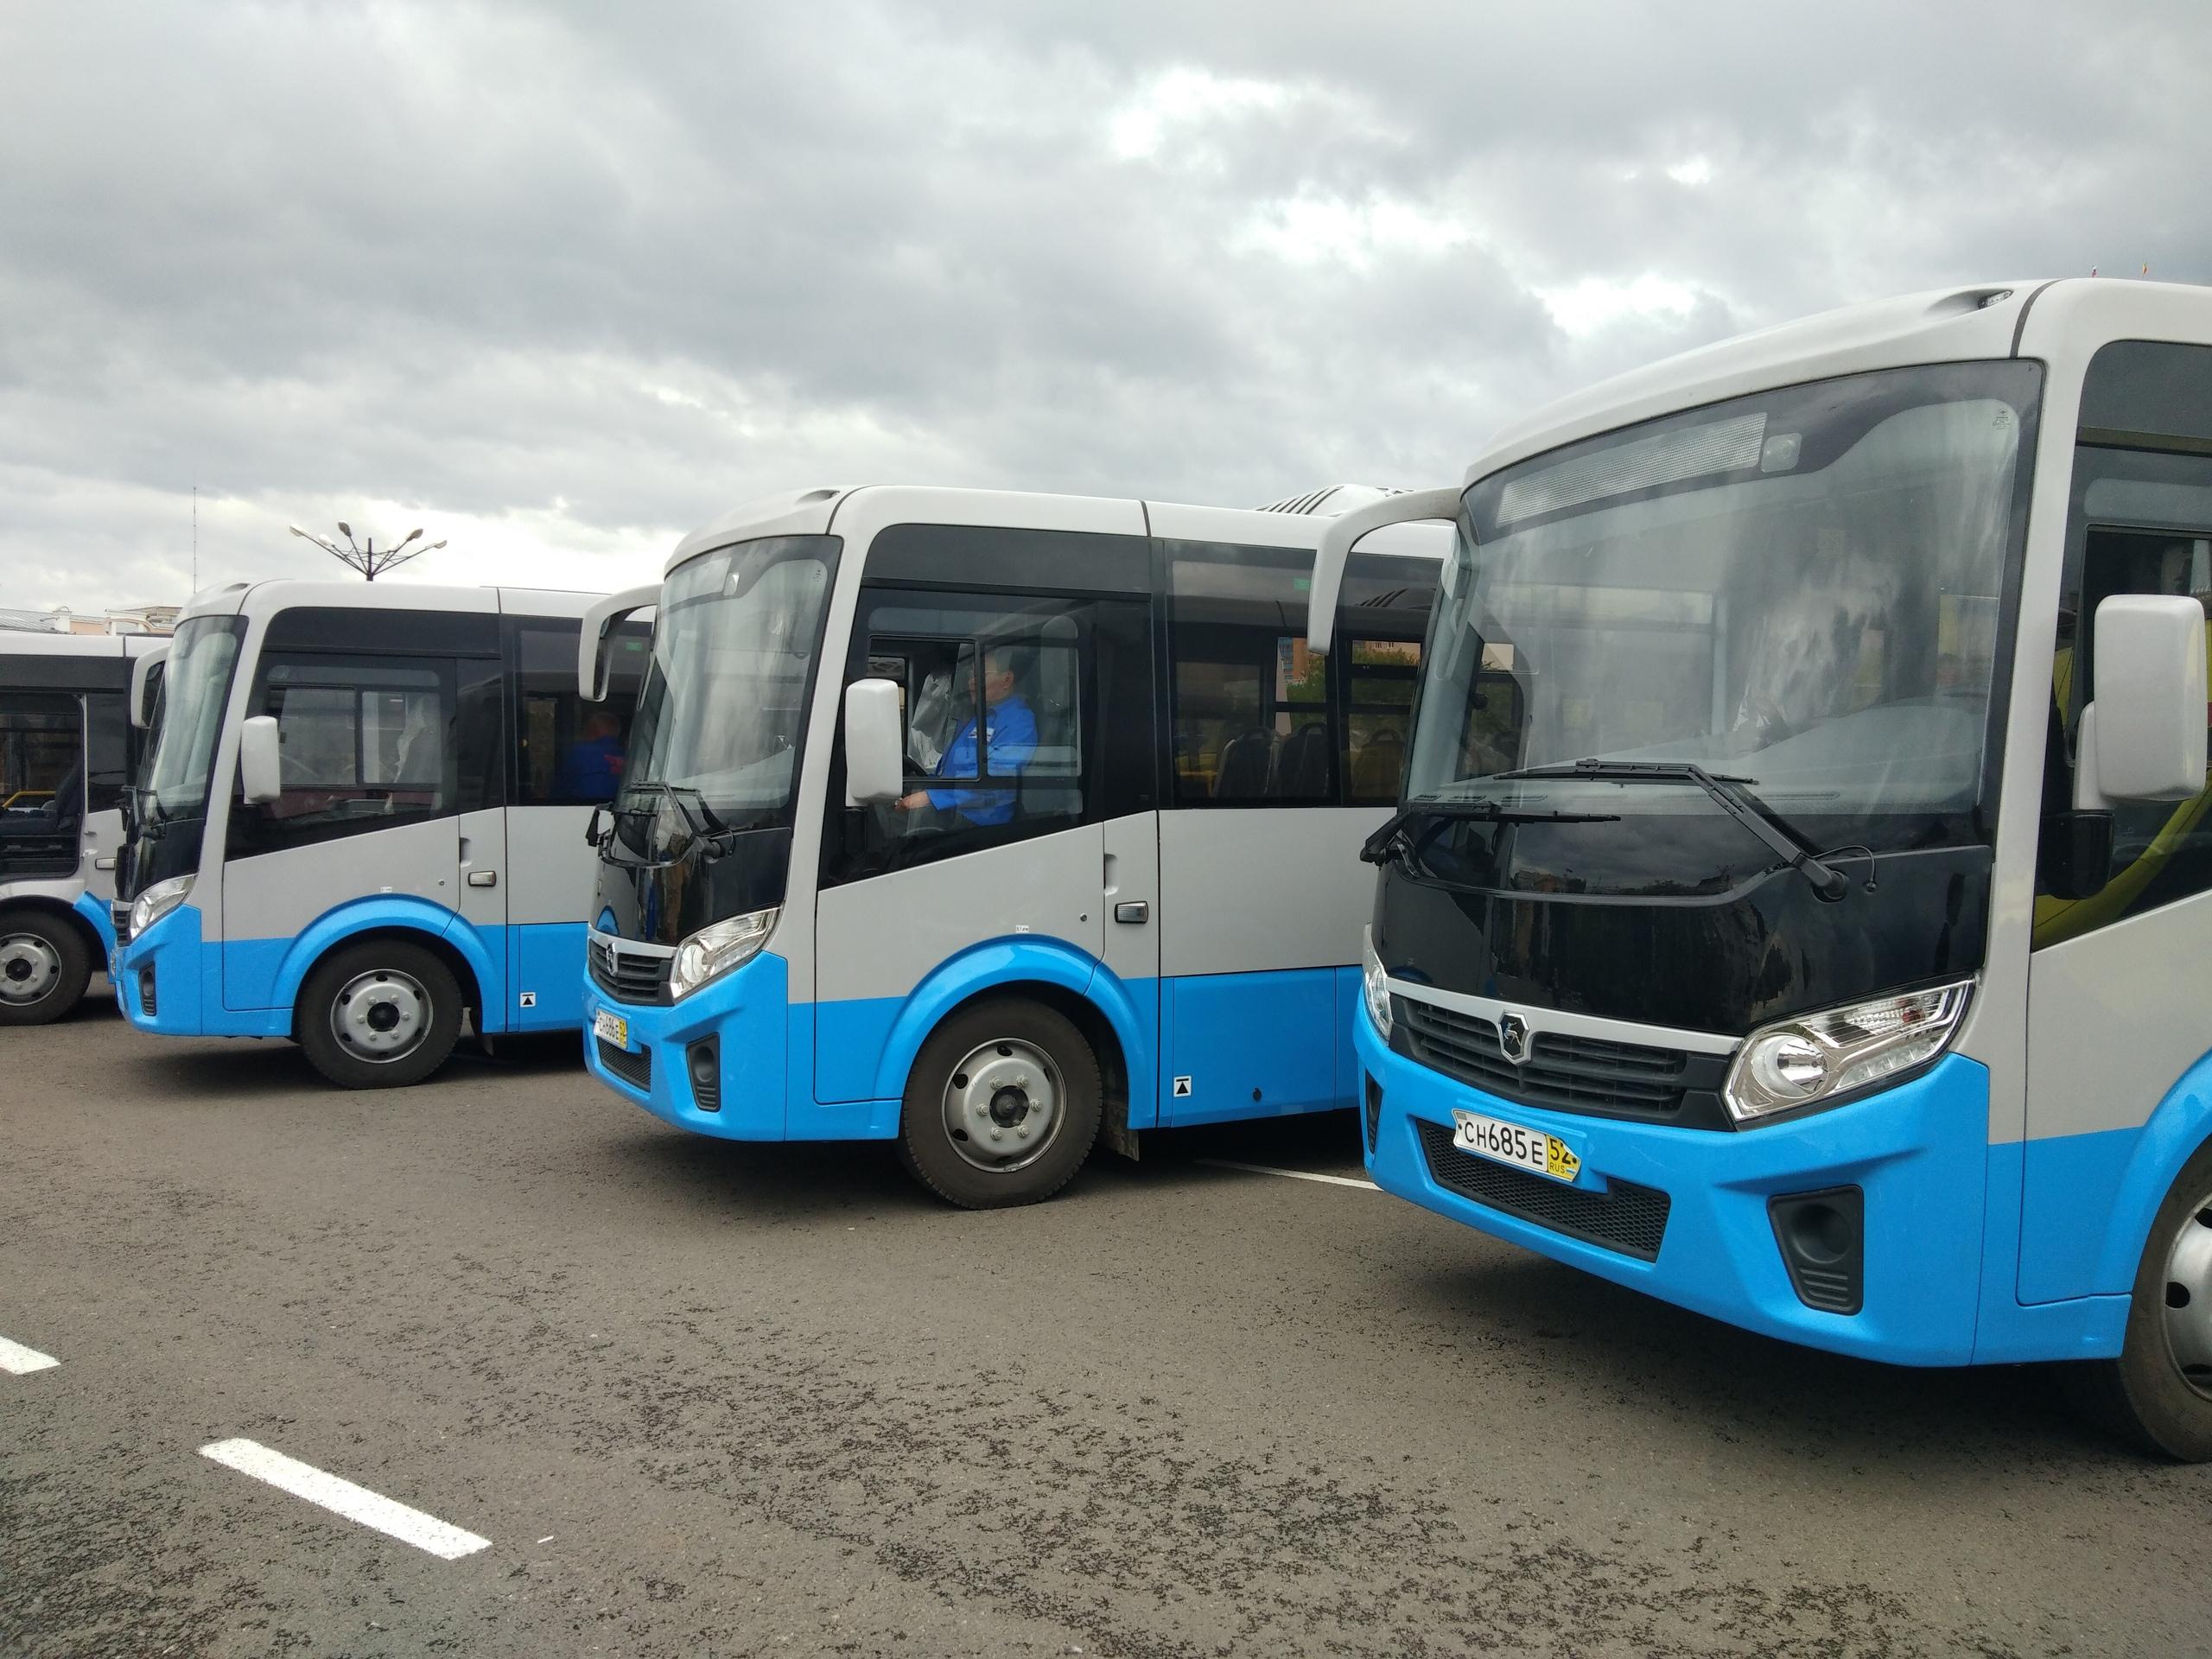 К концу 2020 года будет создана единая федеральная система мониторинга и контроля автобусных междугородних перевозок пассажиров